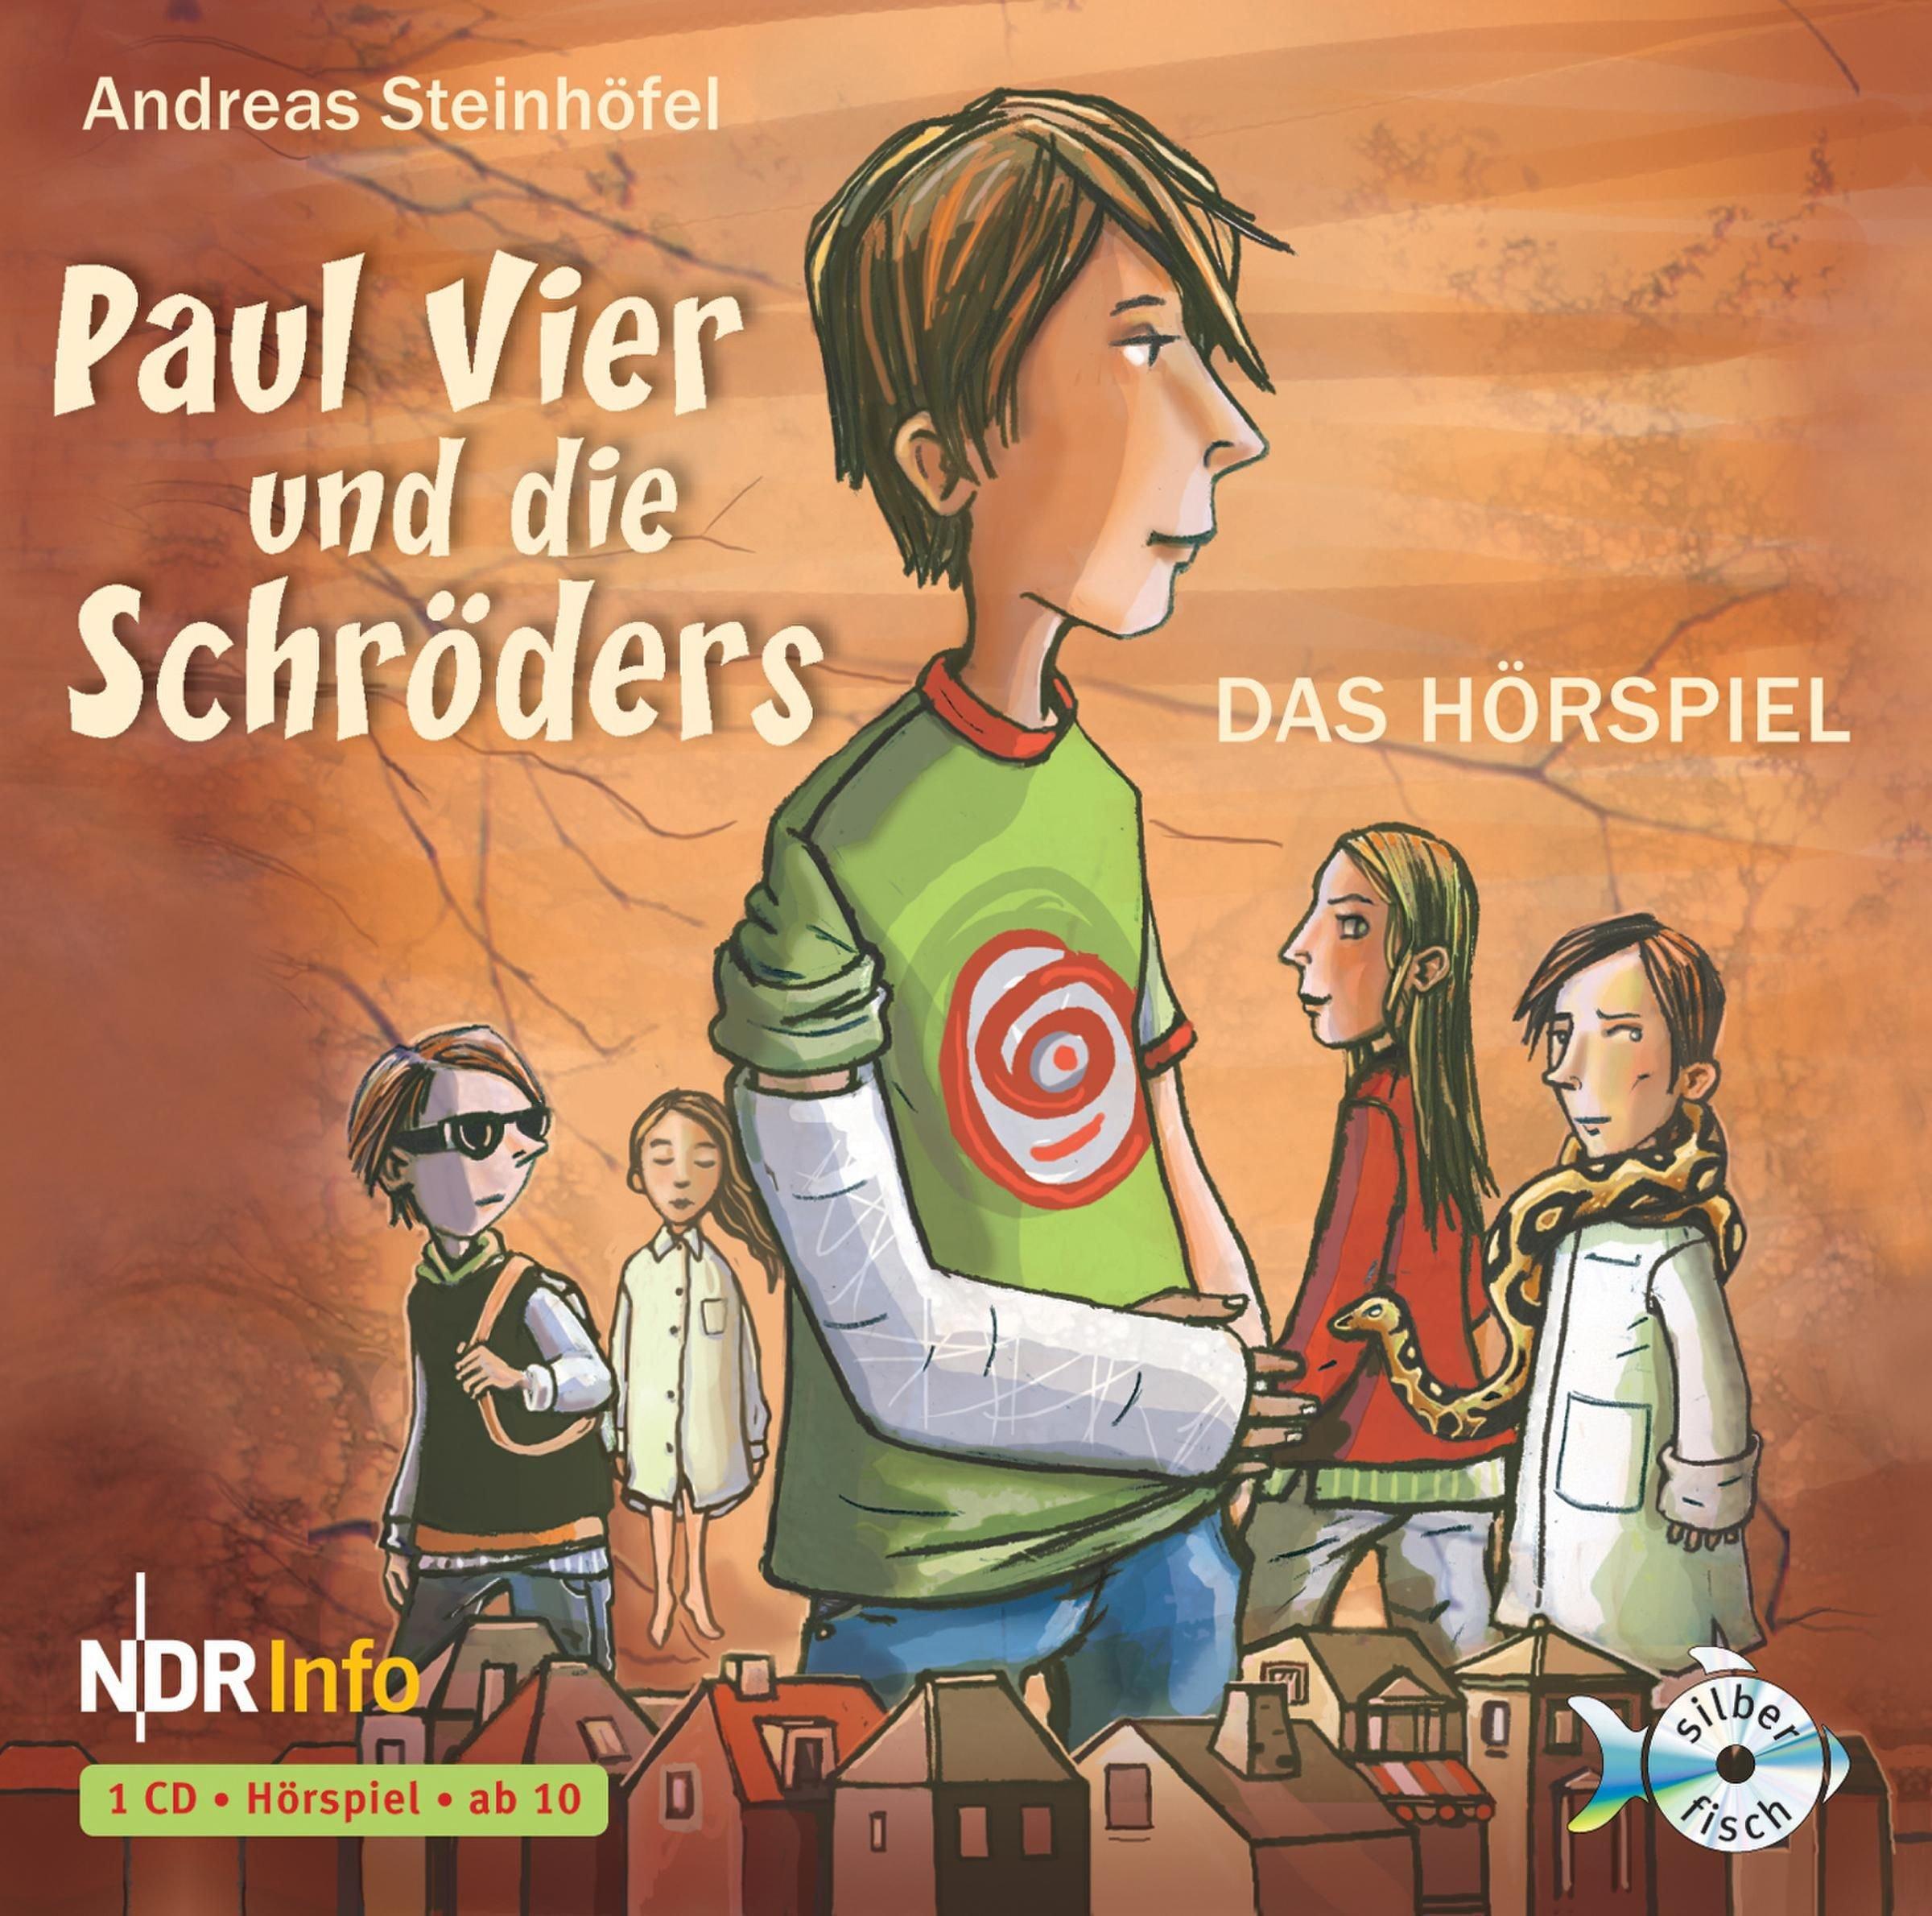 Paul Vier und die Schröders - Das Hörspiel: 1 CD: Amazon.de: Andreas ...